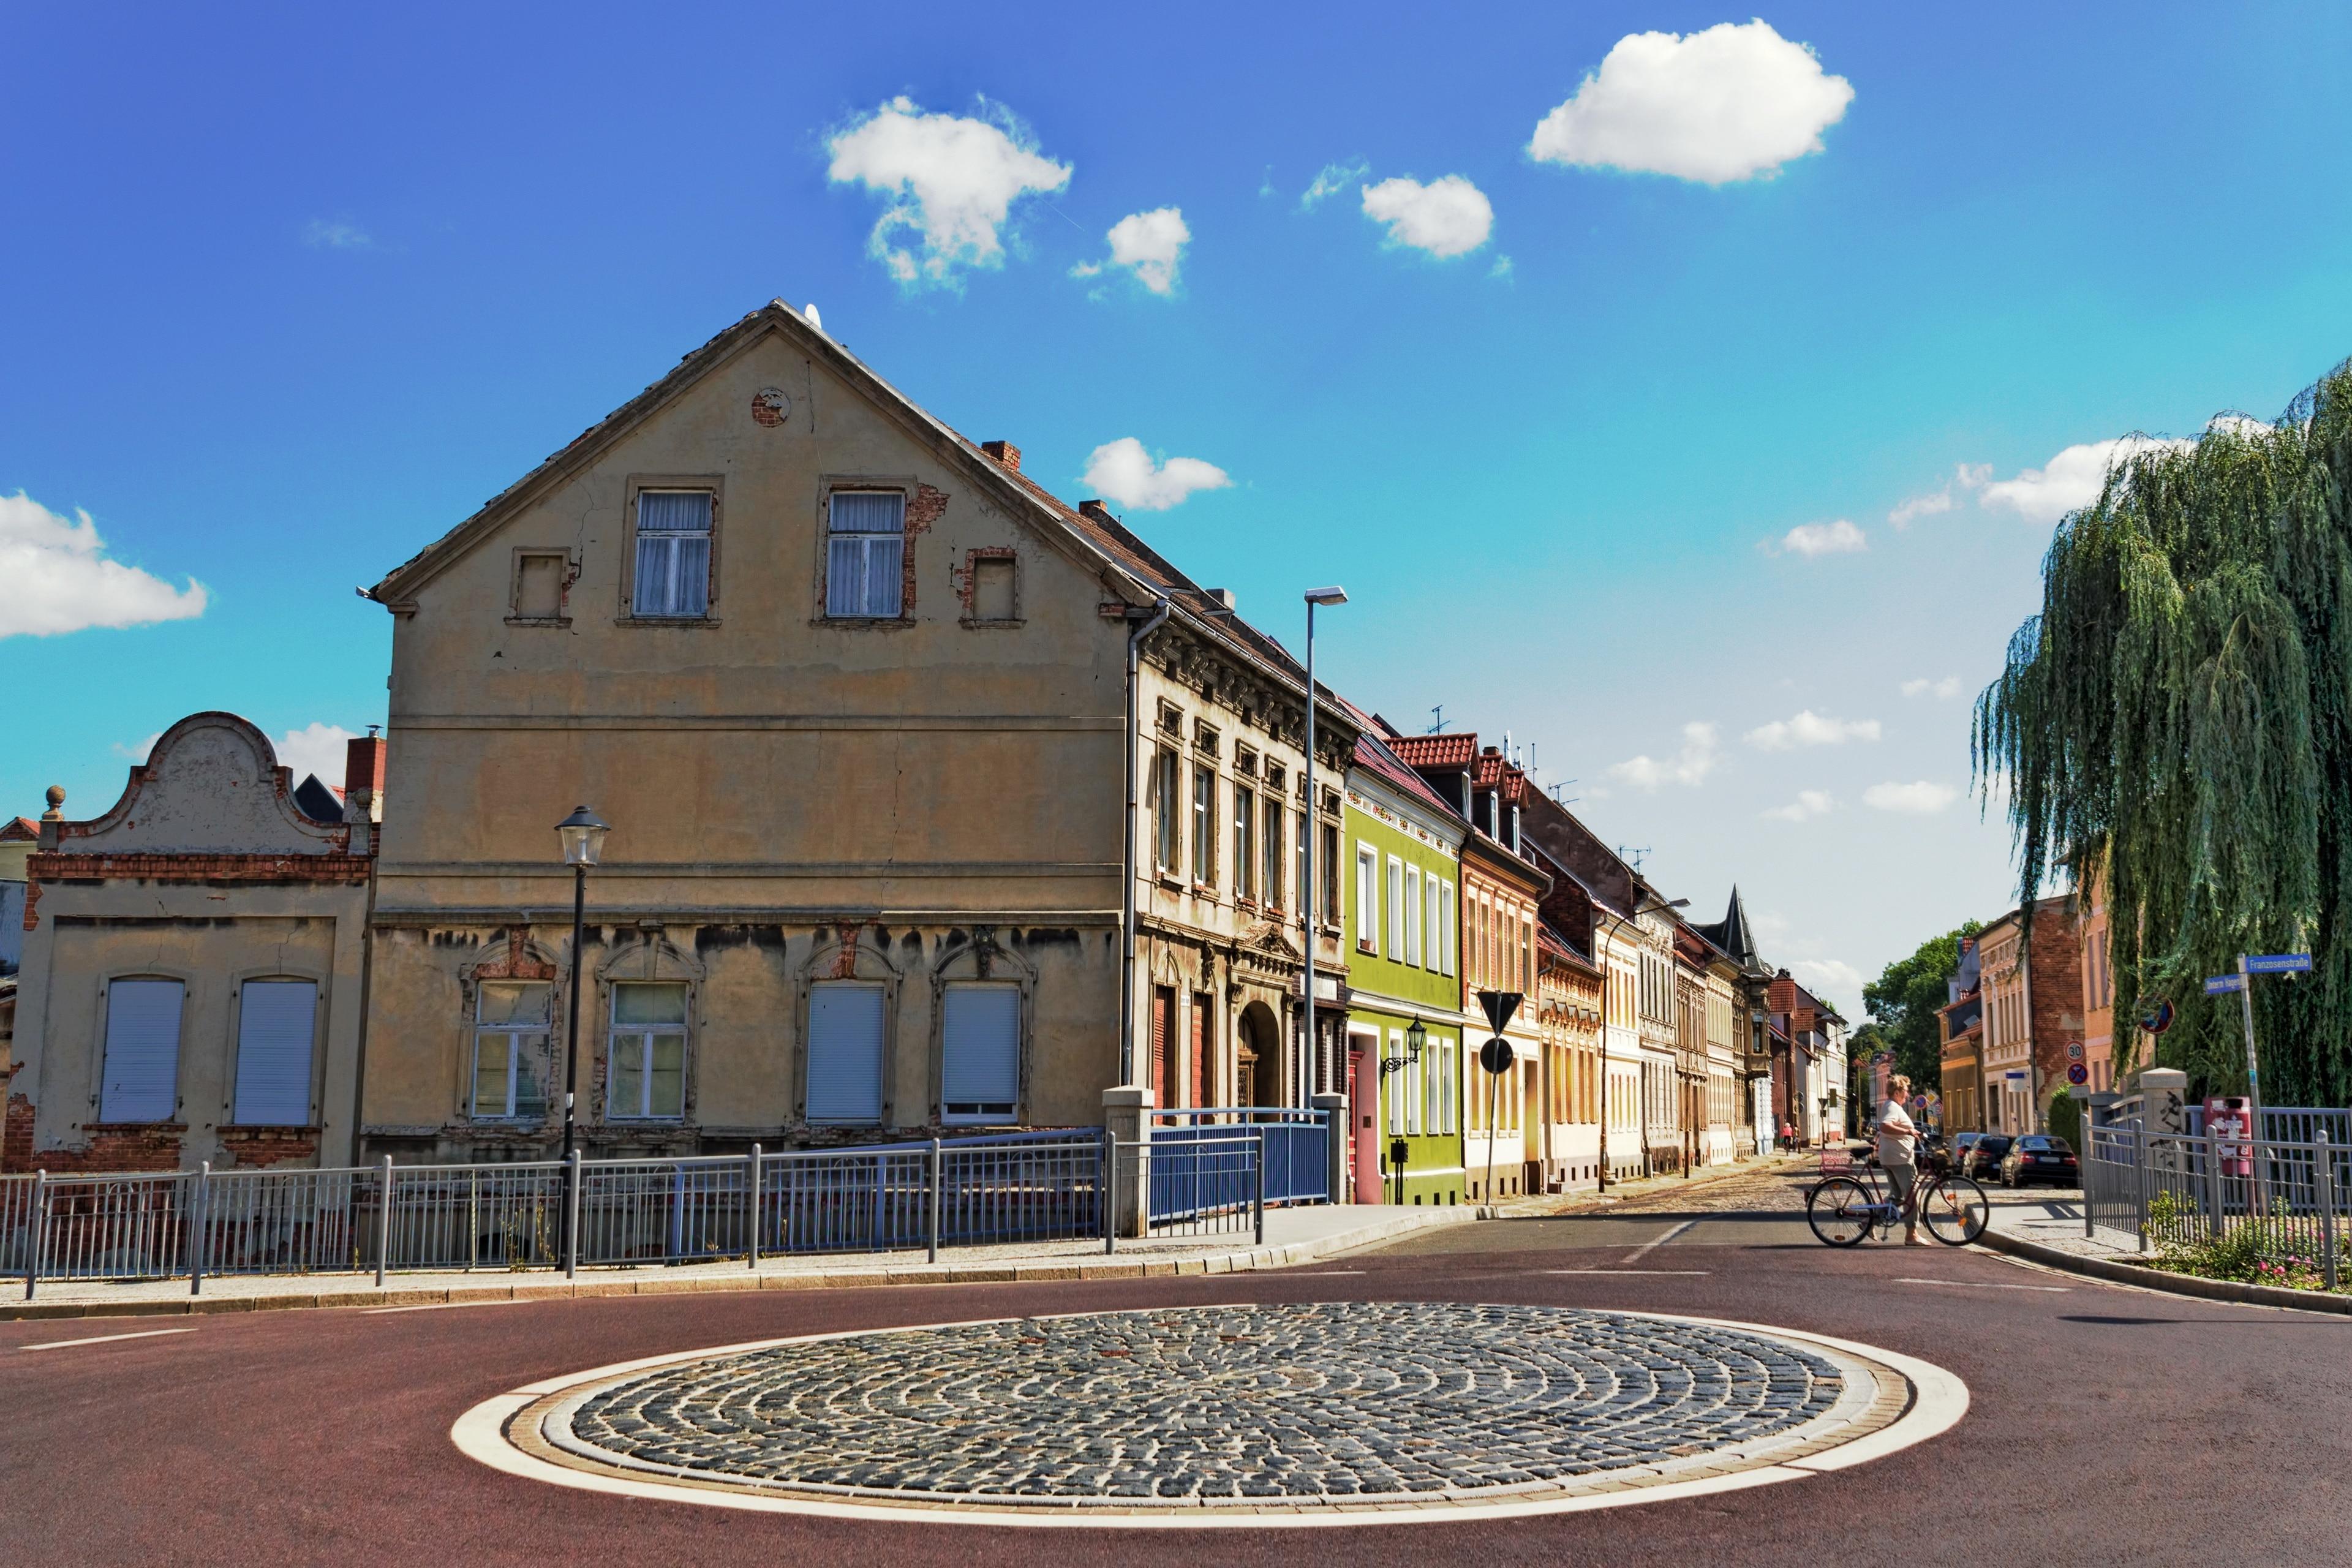 Jerichow, Saxony-Anhalt, Germany